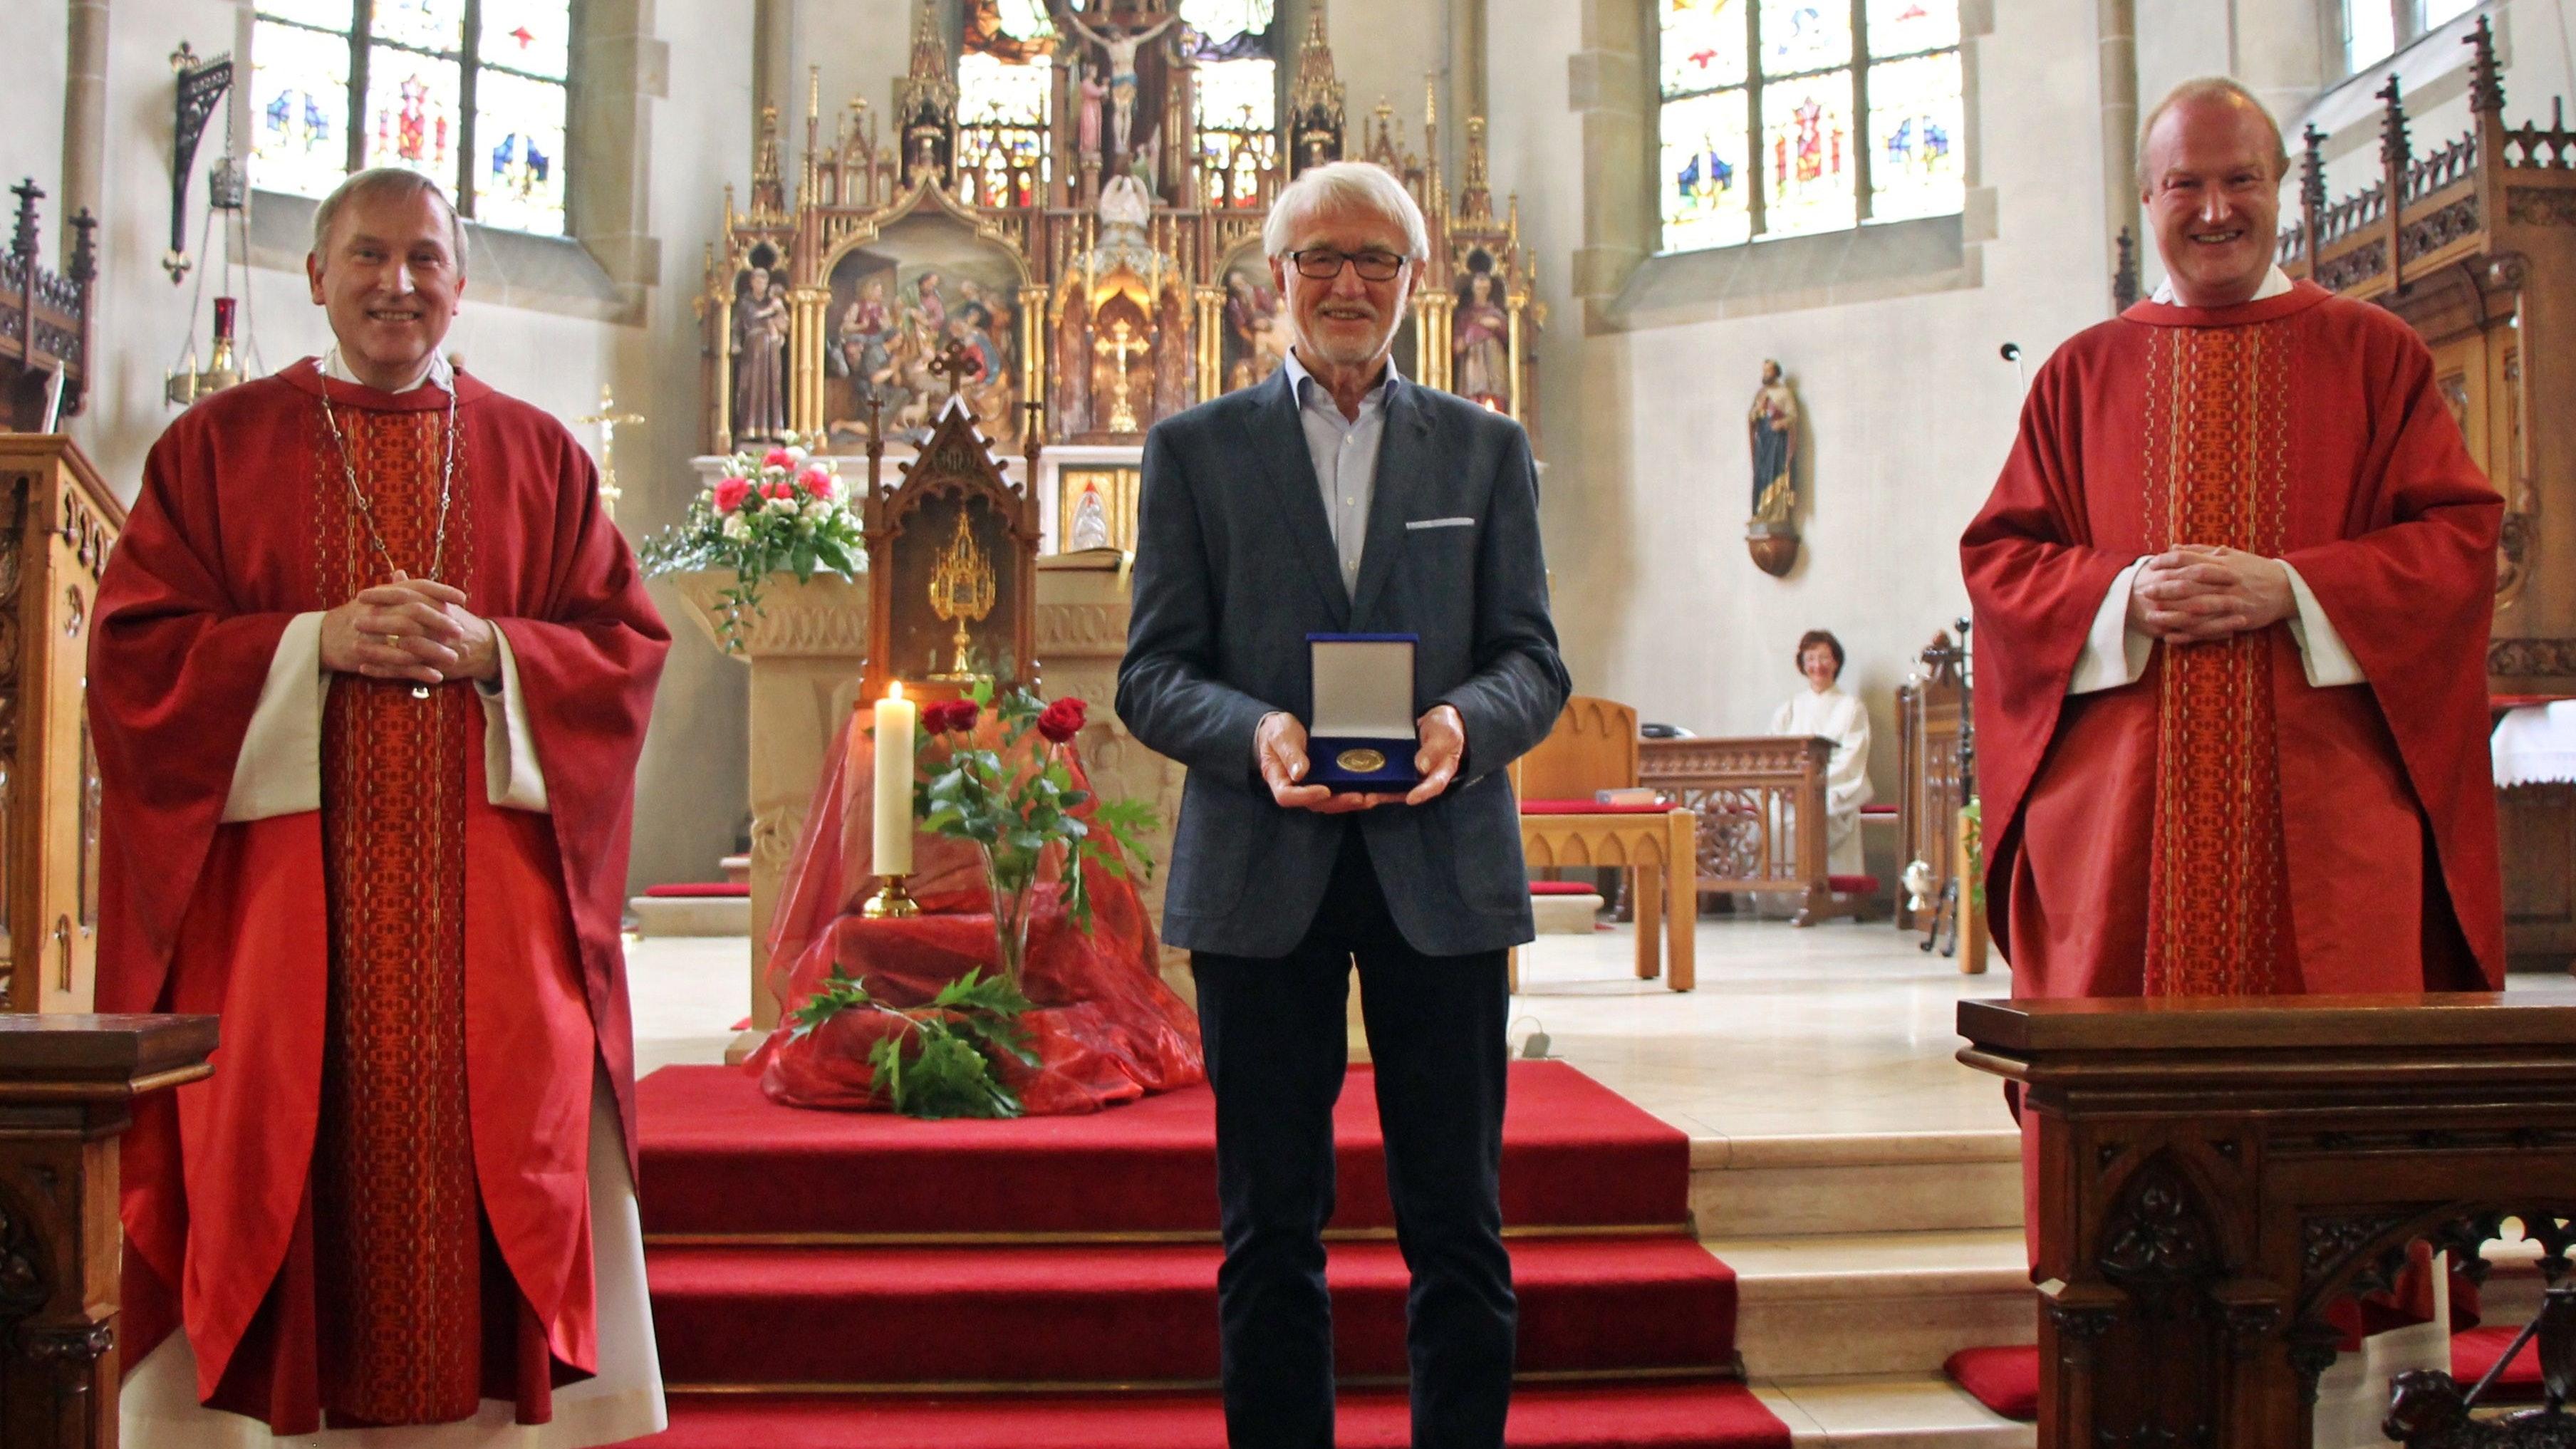 Ehrung für einen Künstler: Weihbischof Wilfried Theising (links) zeichnete Ferdinand Starmann (Mitte) aus, Pfarrer Heiner Zumdohme freute sich mit ihm. Foto: Oevermann